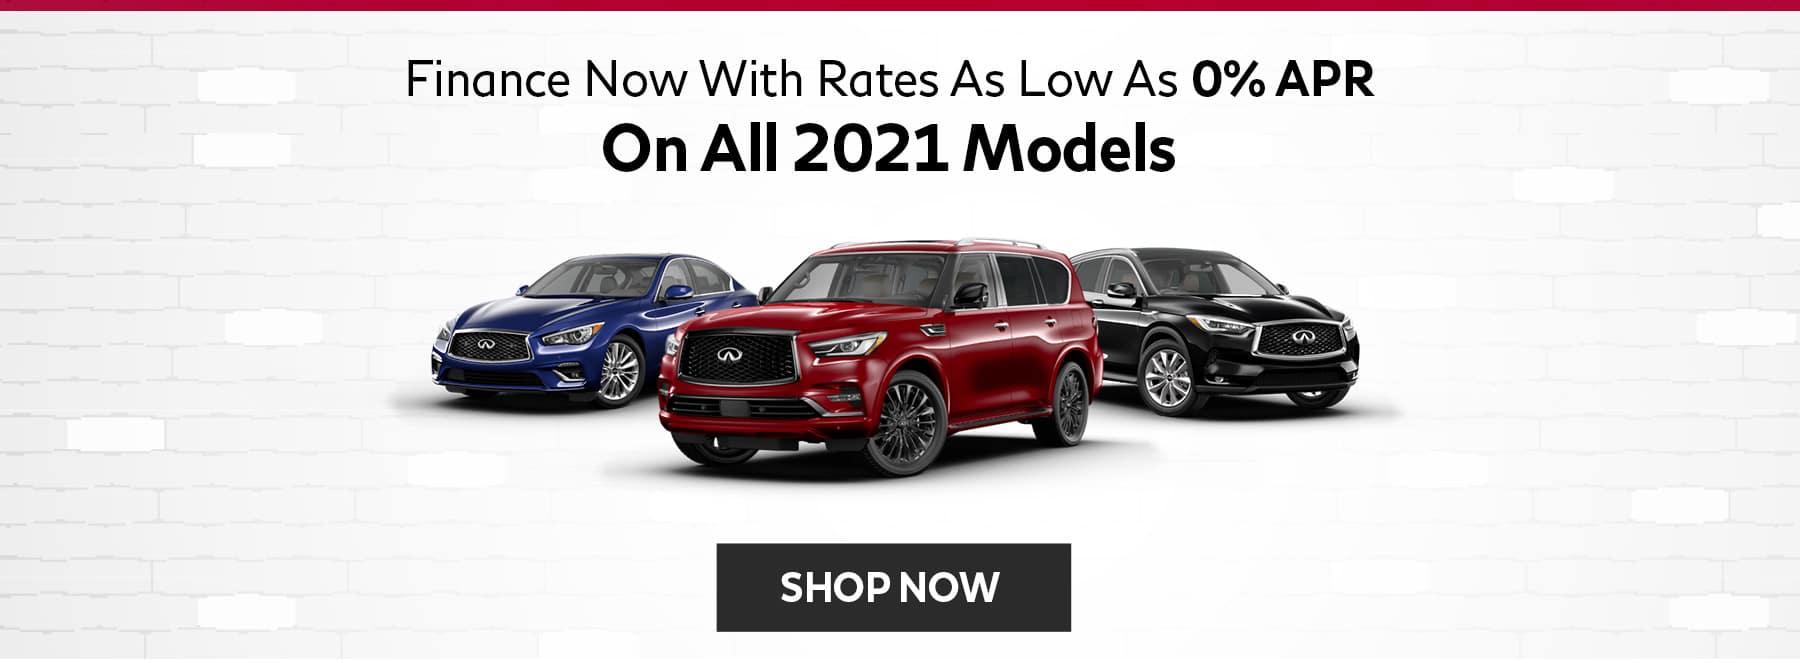 2021 Models Offer